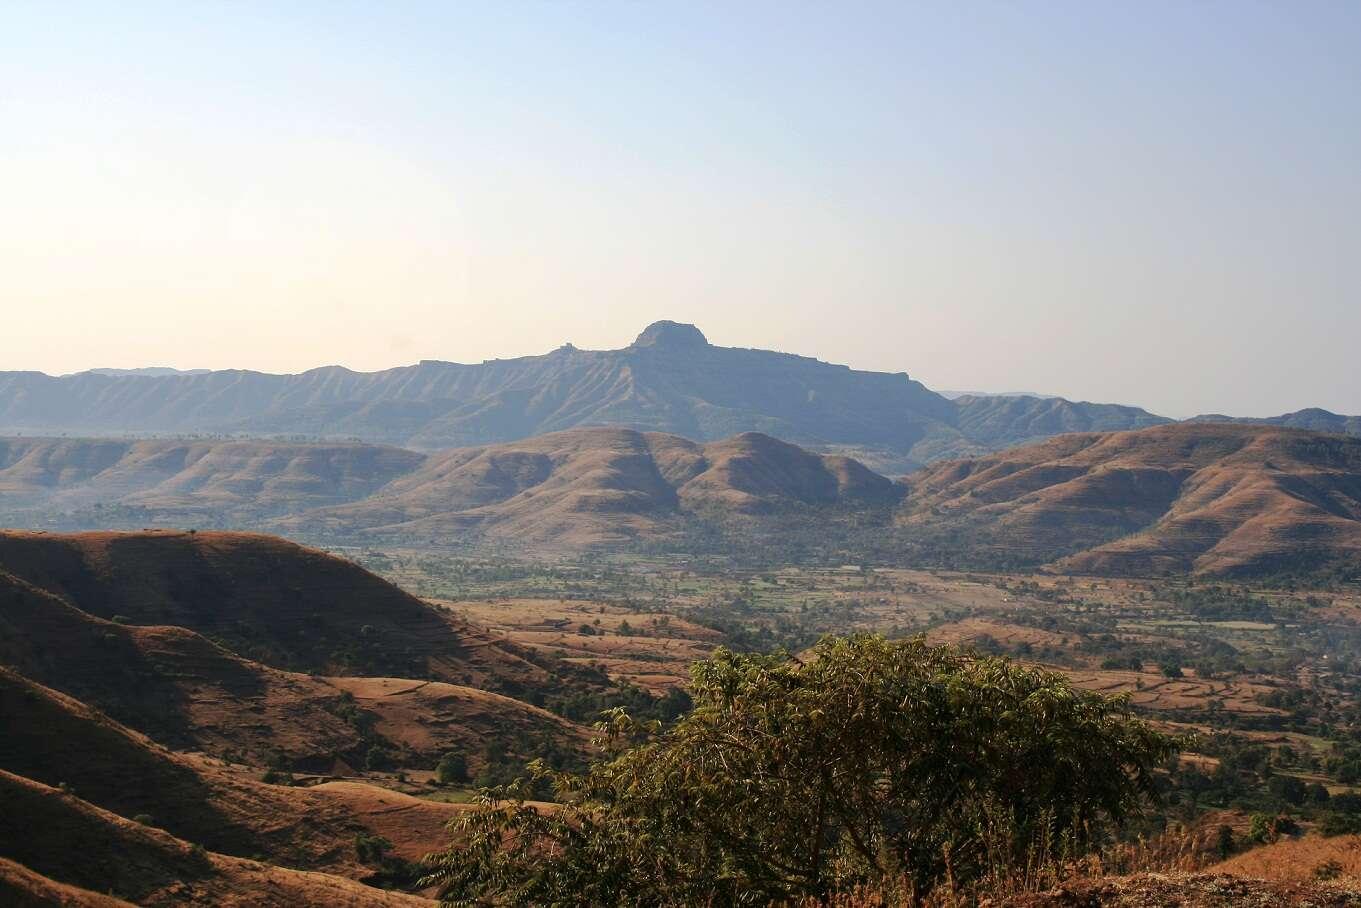 Les coulées basaltiques du Deccan en Inde. Le volume de laves refroidies permettrait de recouvrir la surface de la France sous une épaisseur bien supérieure à quelques dizaines de mètres. © Kppethe, Wikipédia